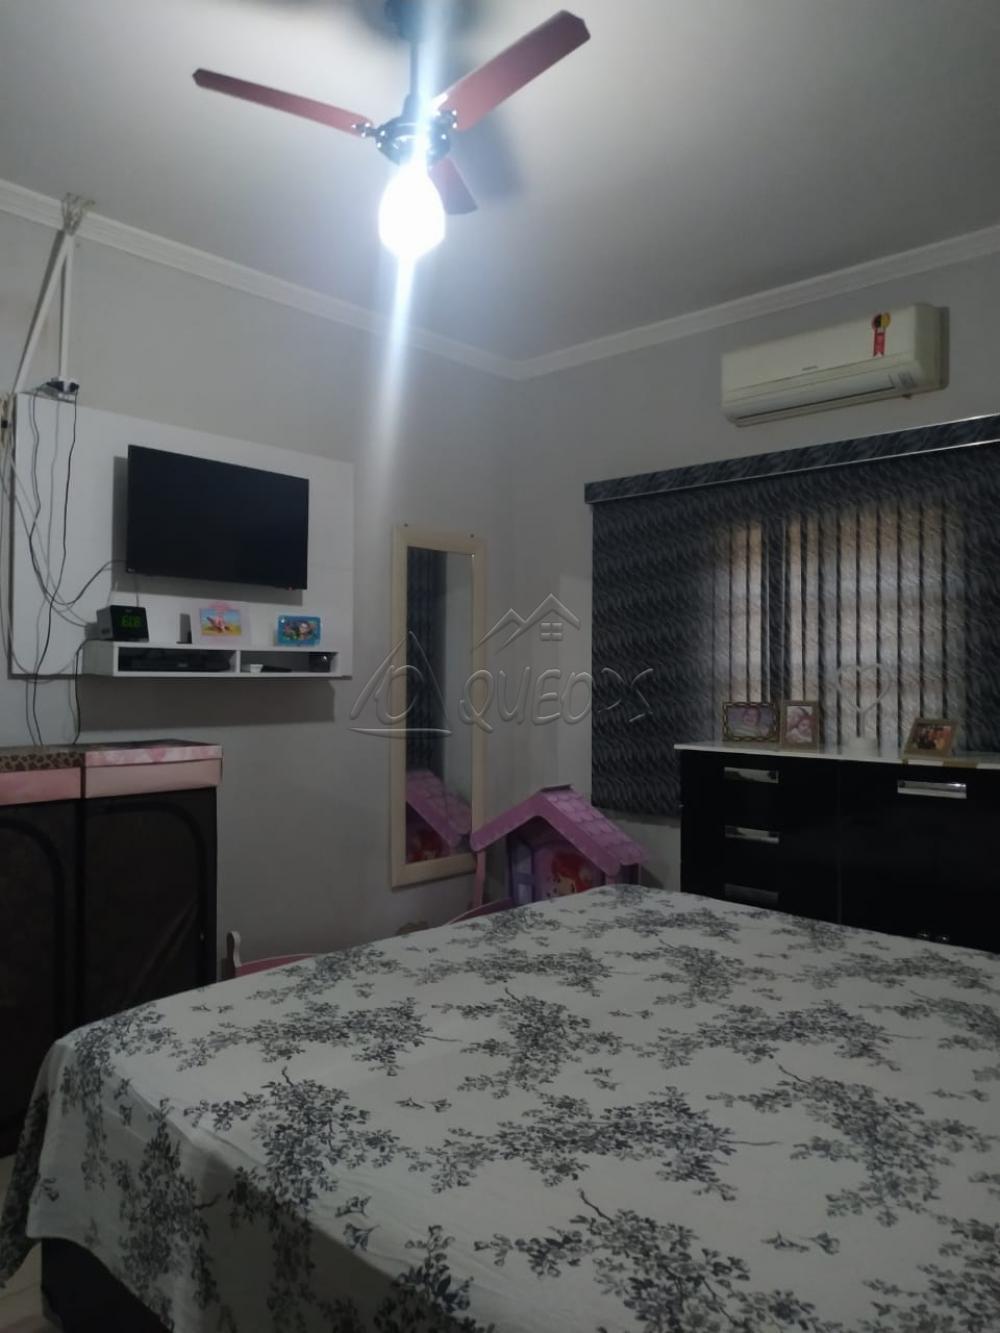 Comprar Casa / Padrão em Barretos apenas R$ 270.000,00 - Foto 12